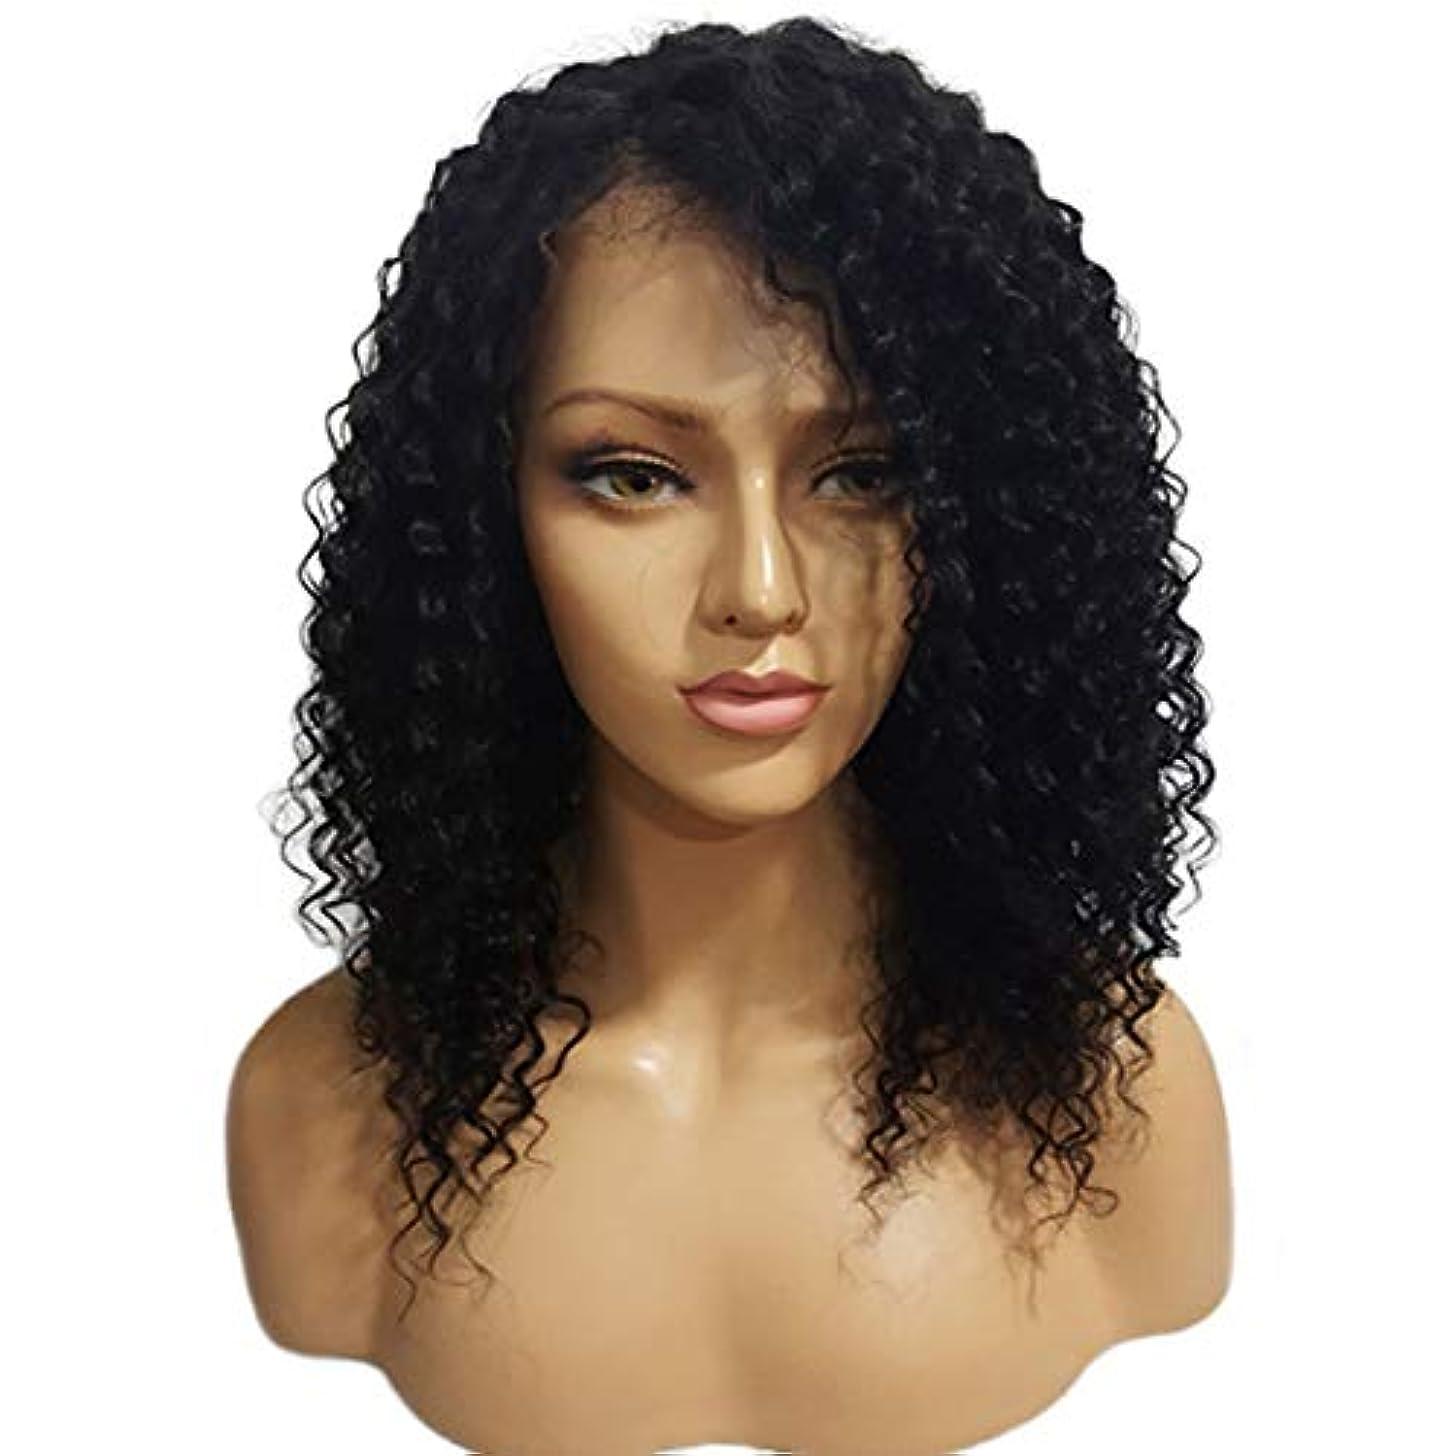 見つけた不器用ラフトYOUQIU 黒人女性のための短いオンブル茶黒カーリーヘアウィッグ女性のかつらのための合成ショートウィッグ (色 : 写真の通り)